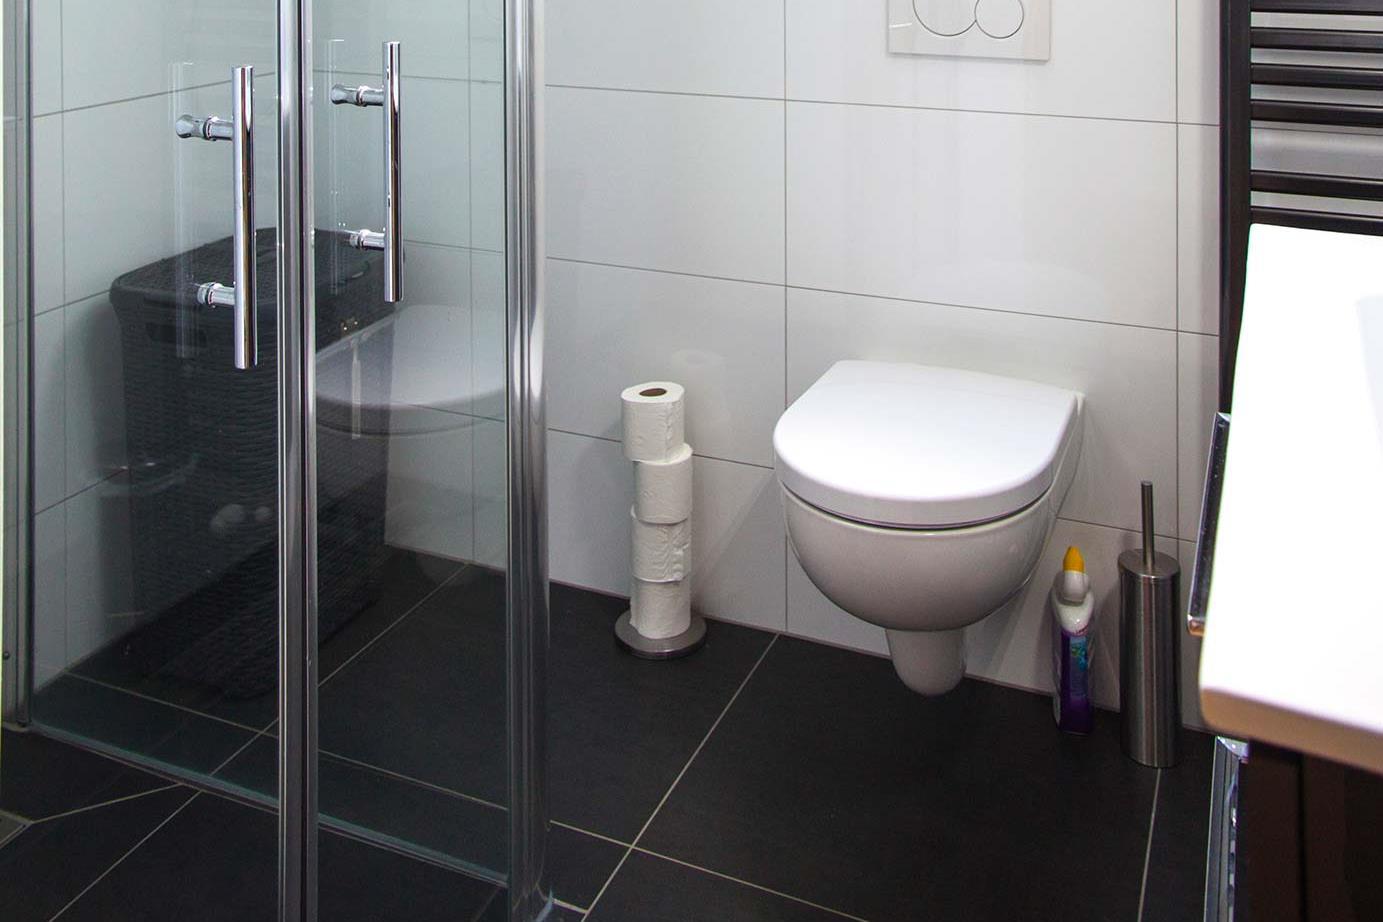 Badkamer Showroom Harderwijk : Badkamer kopen in harderwijk lees klantervaring arma